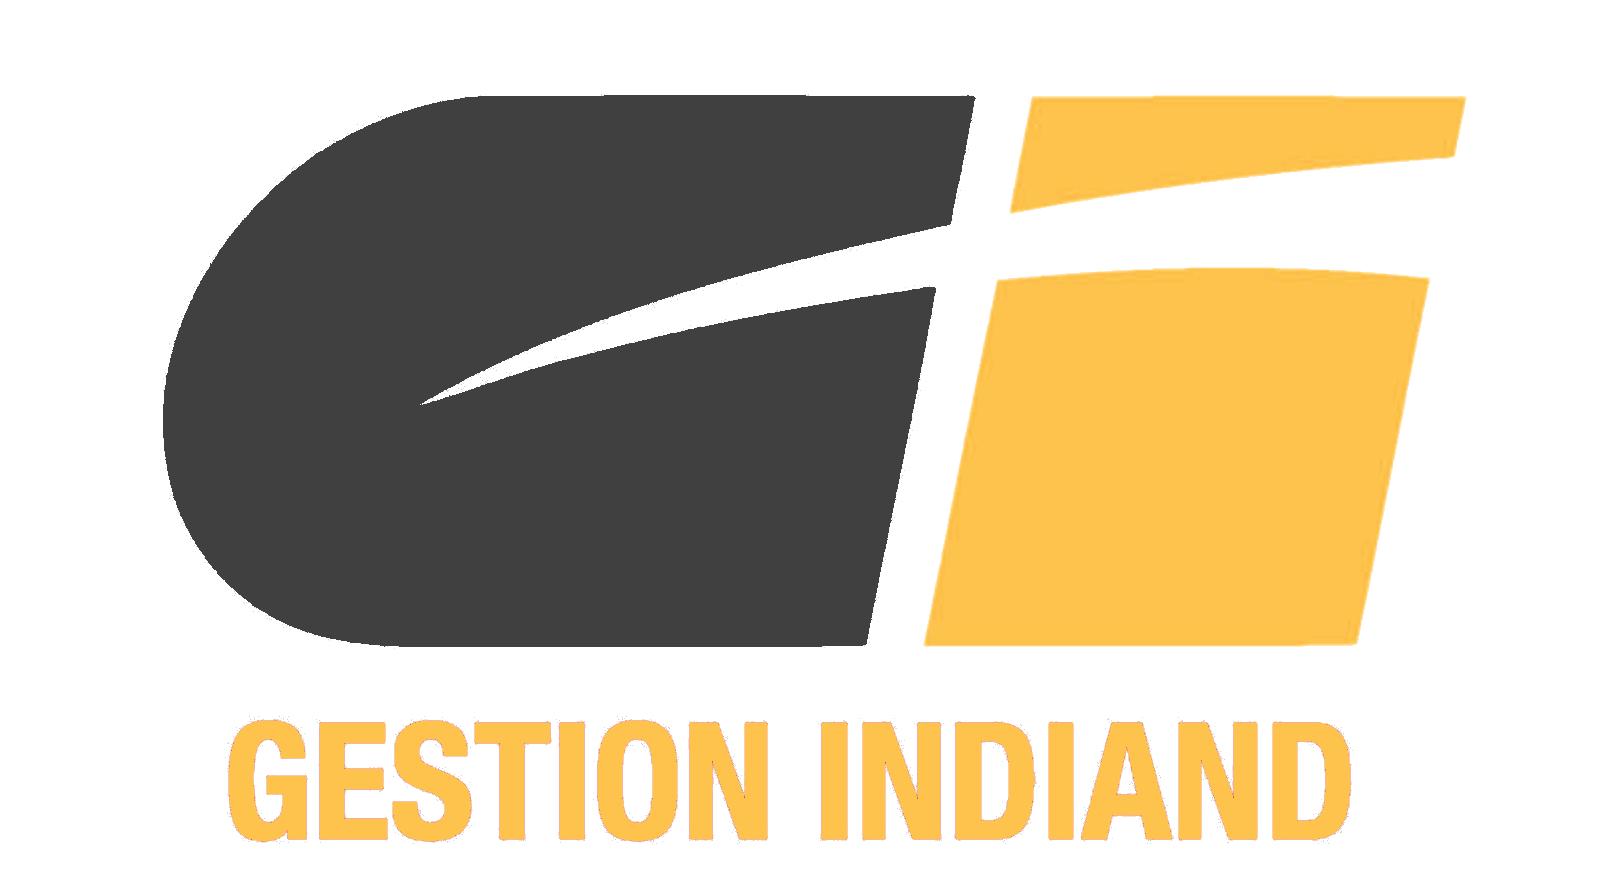 Gestión Indiand